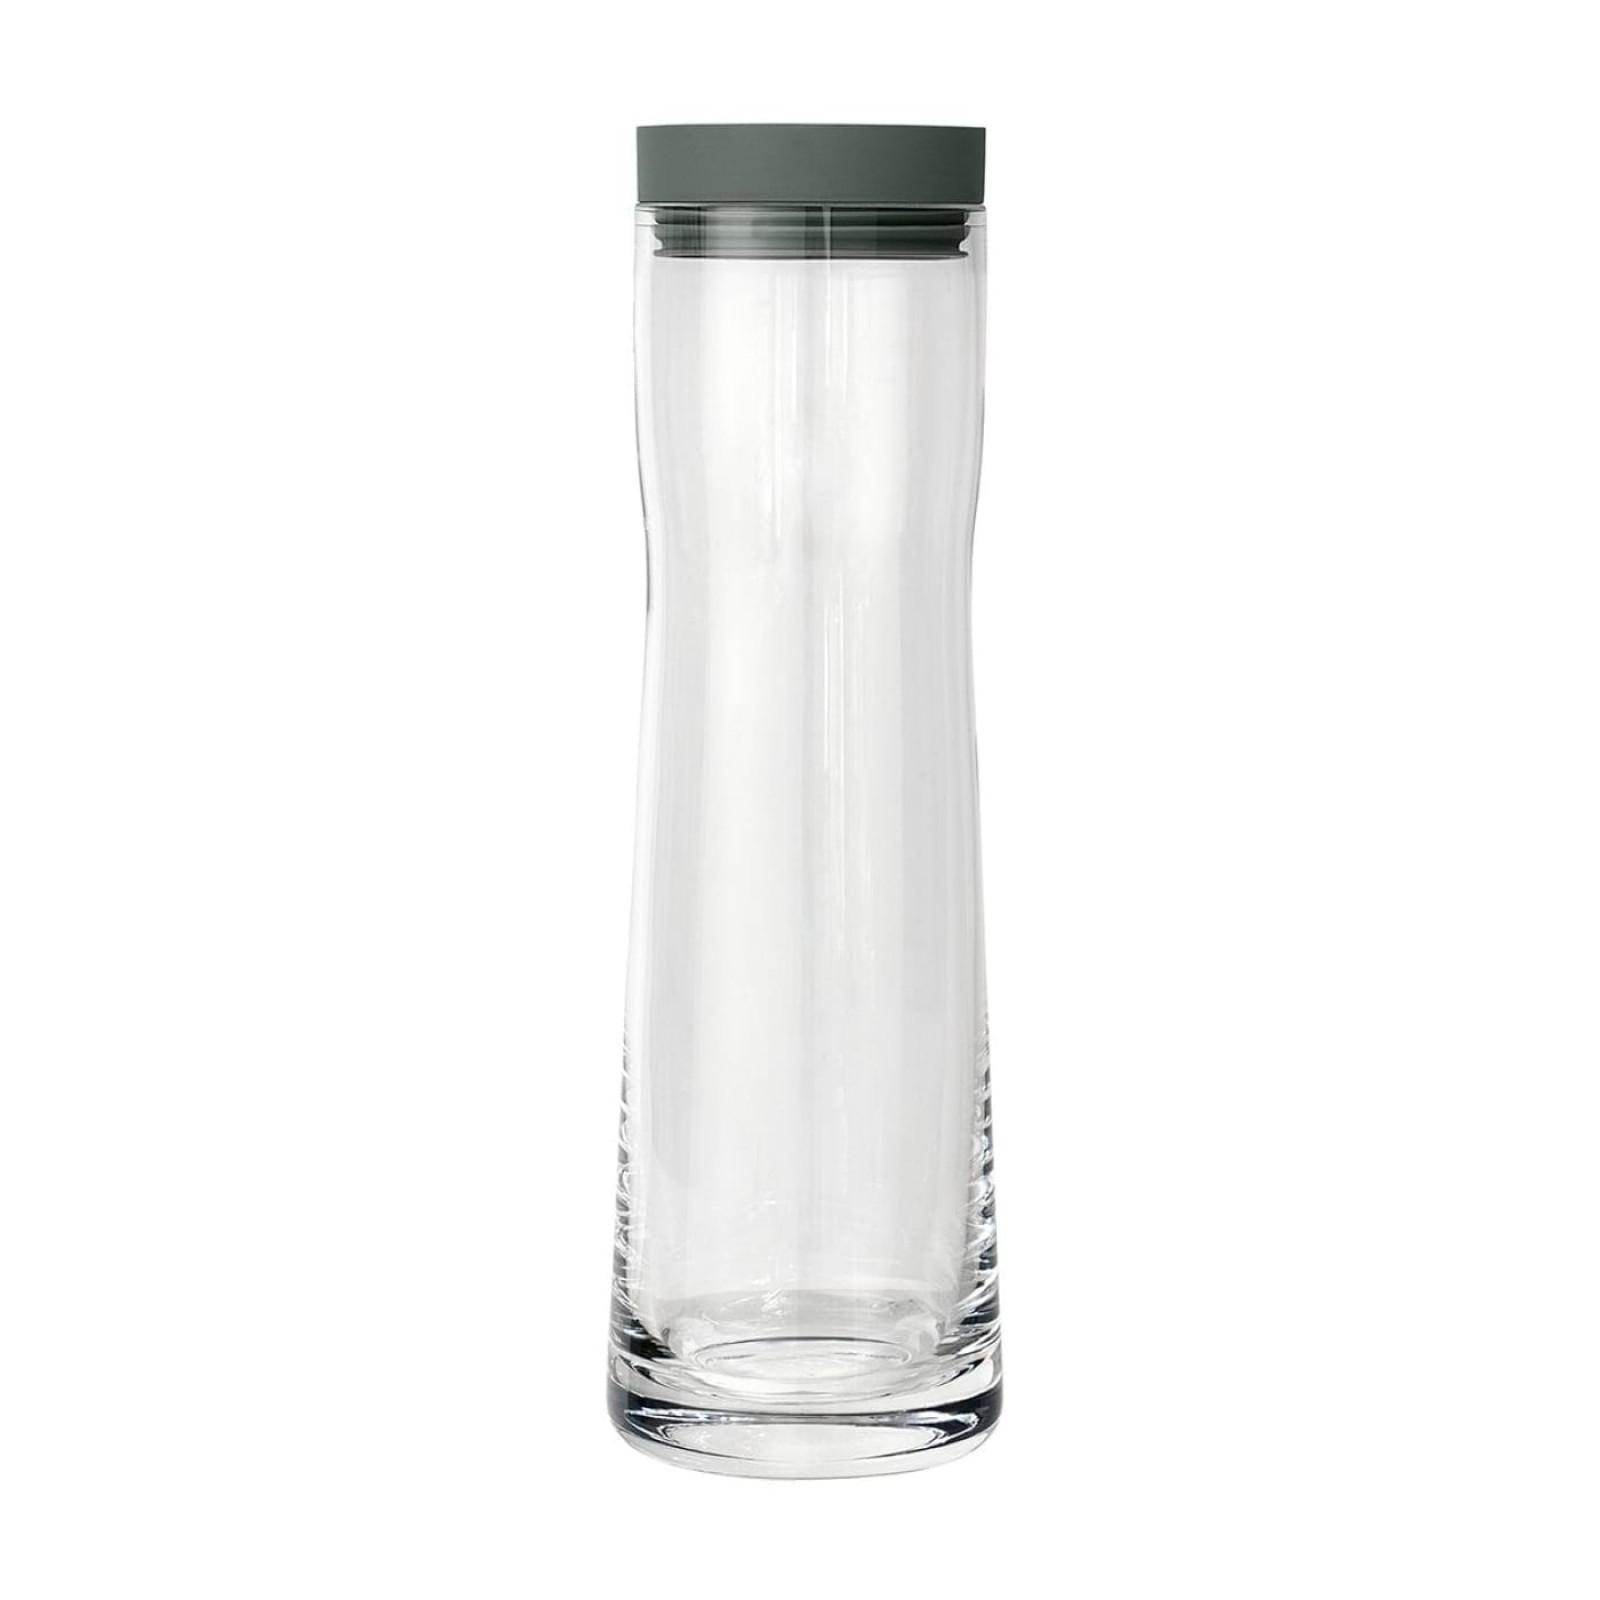 SPLASH Water Carafe 1 Liter Agave Green - Blomus